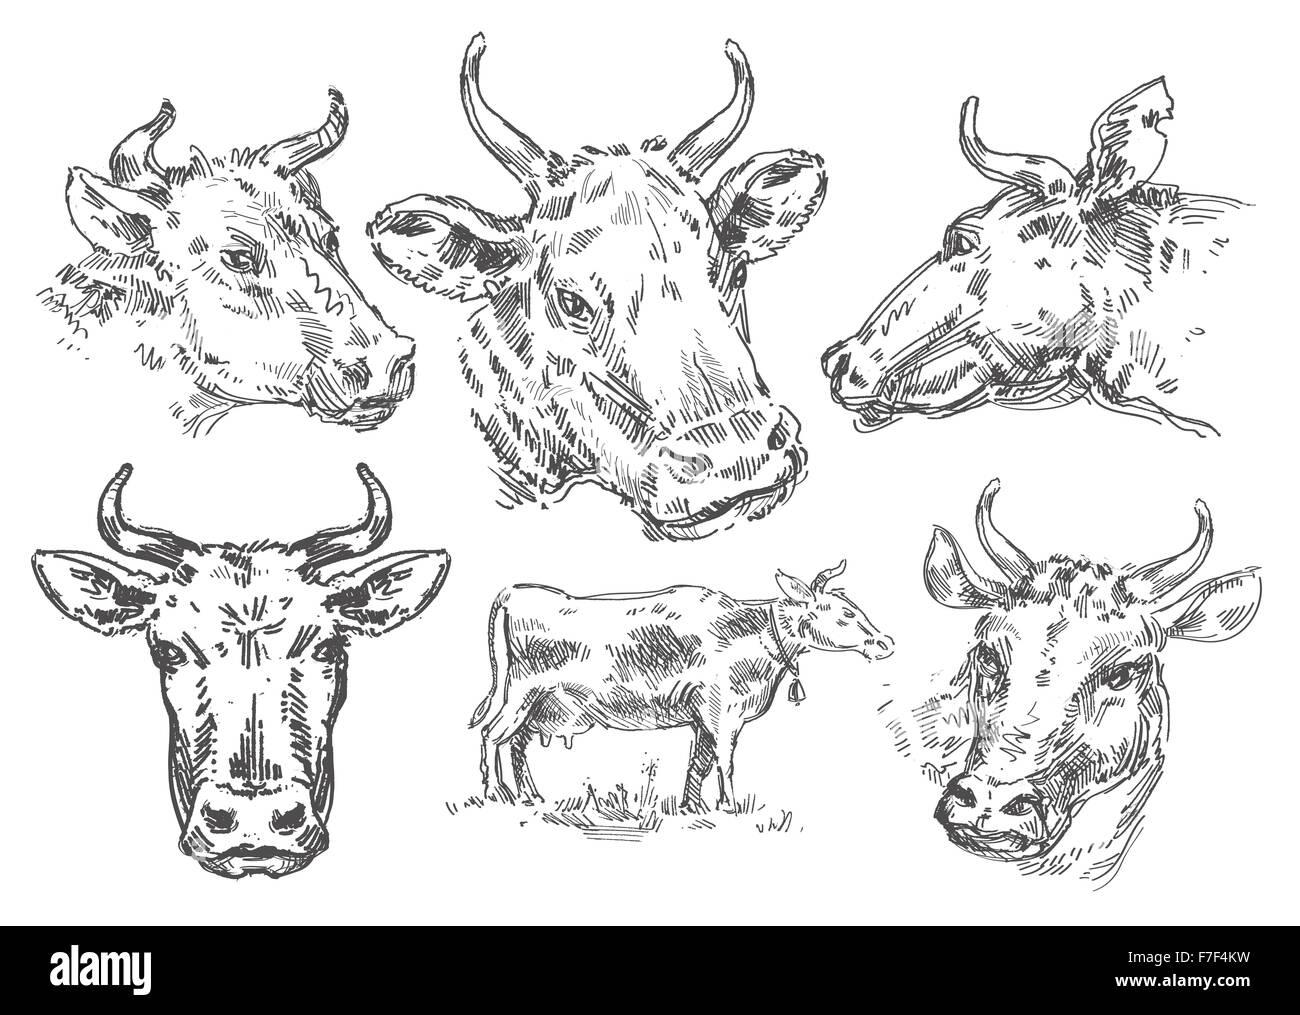 handgezeichnete Kuh. Skizze Stockbild